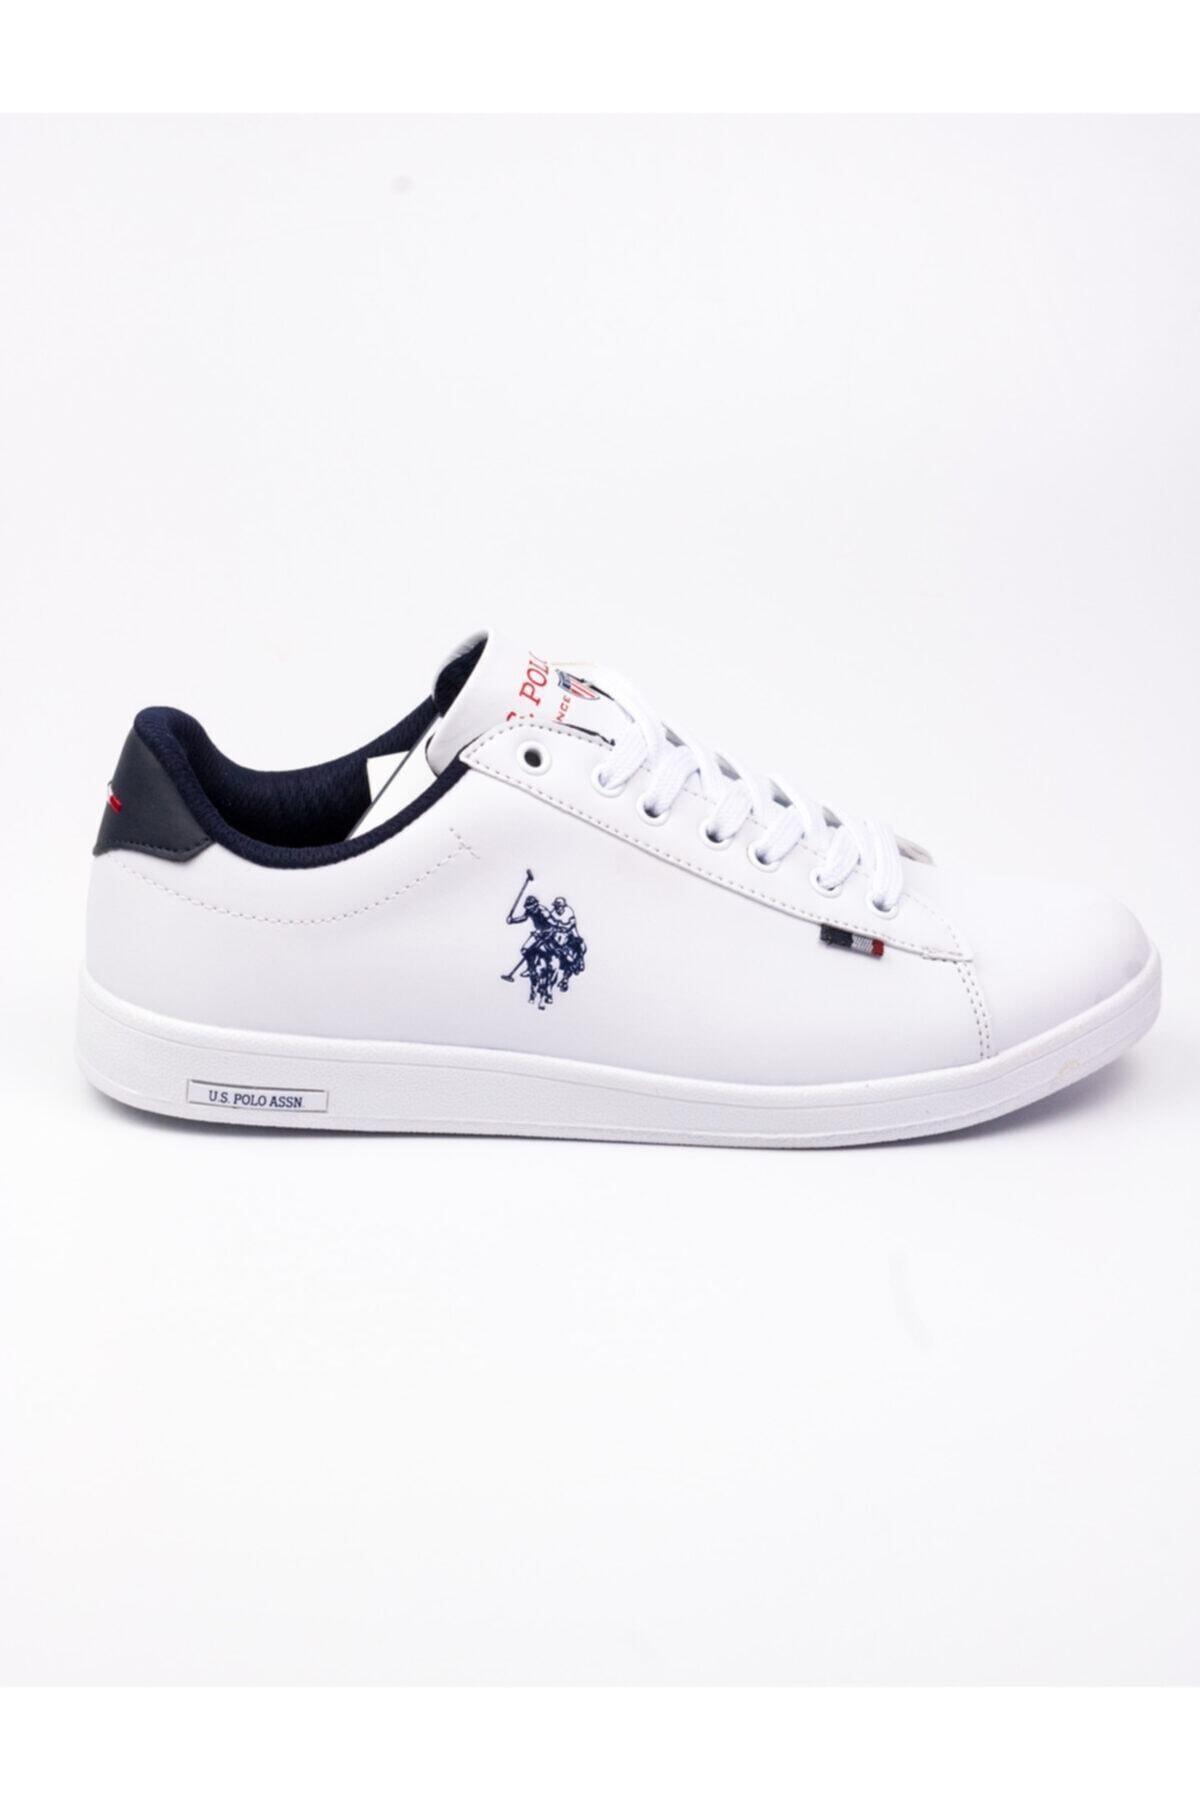 U.S. Polo Assn. Franco Sneakers Erkek Beyaz Ayakkabı 2